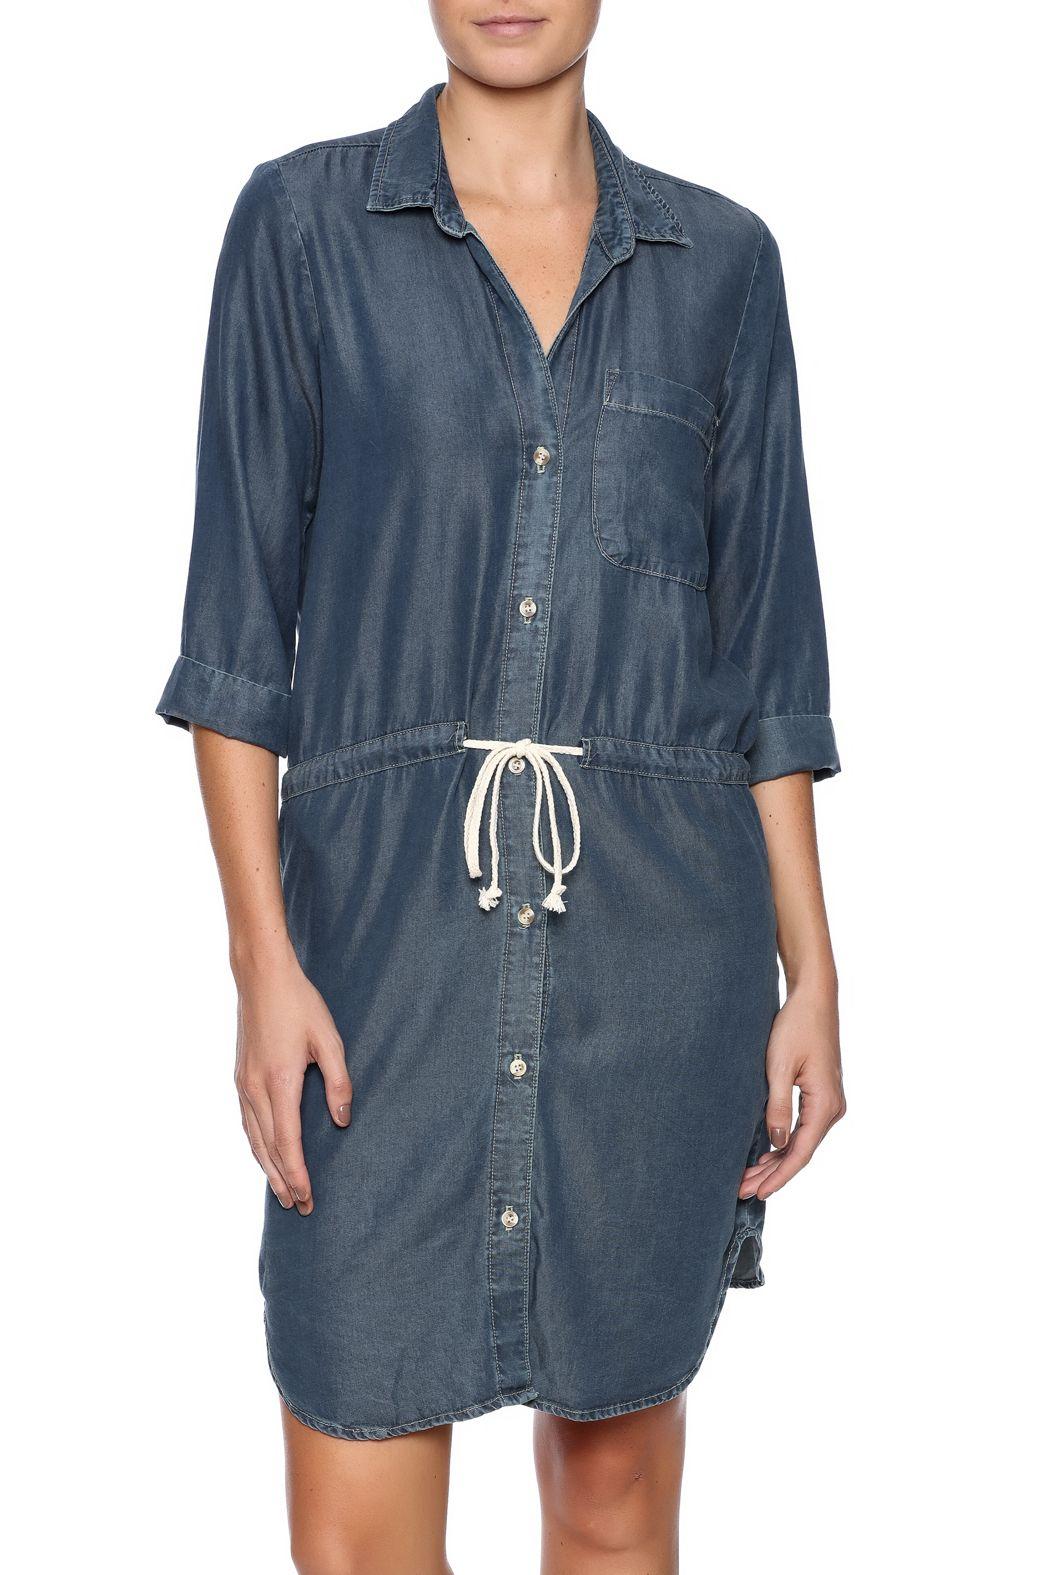 Glam button down tencel dress